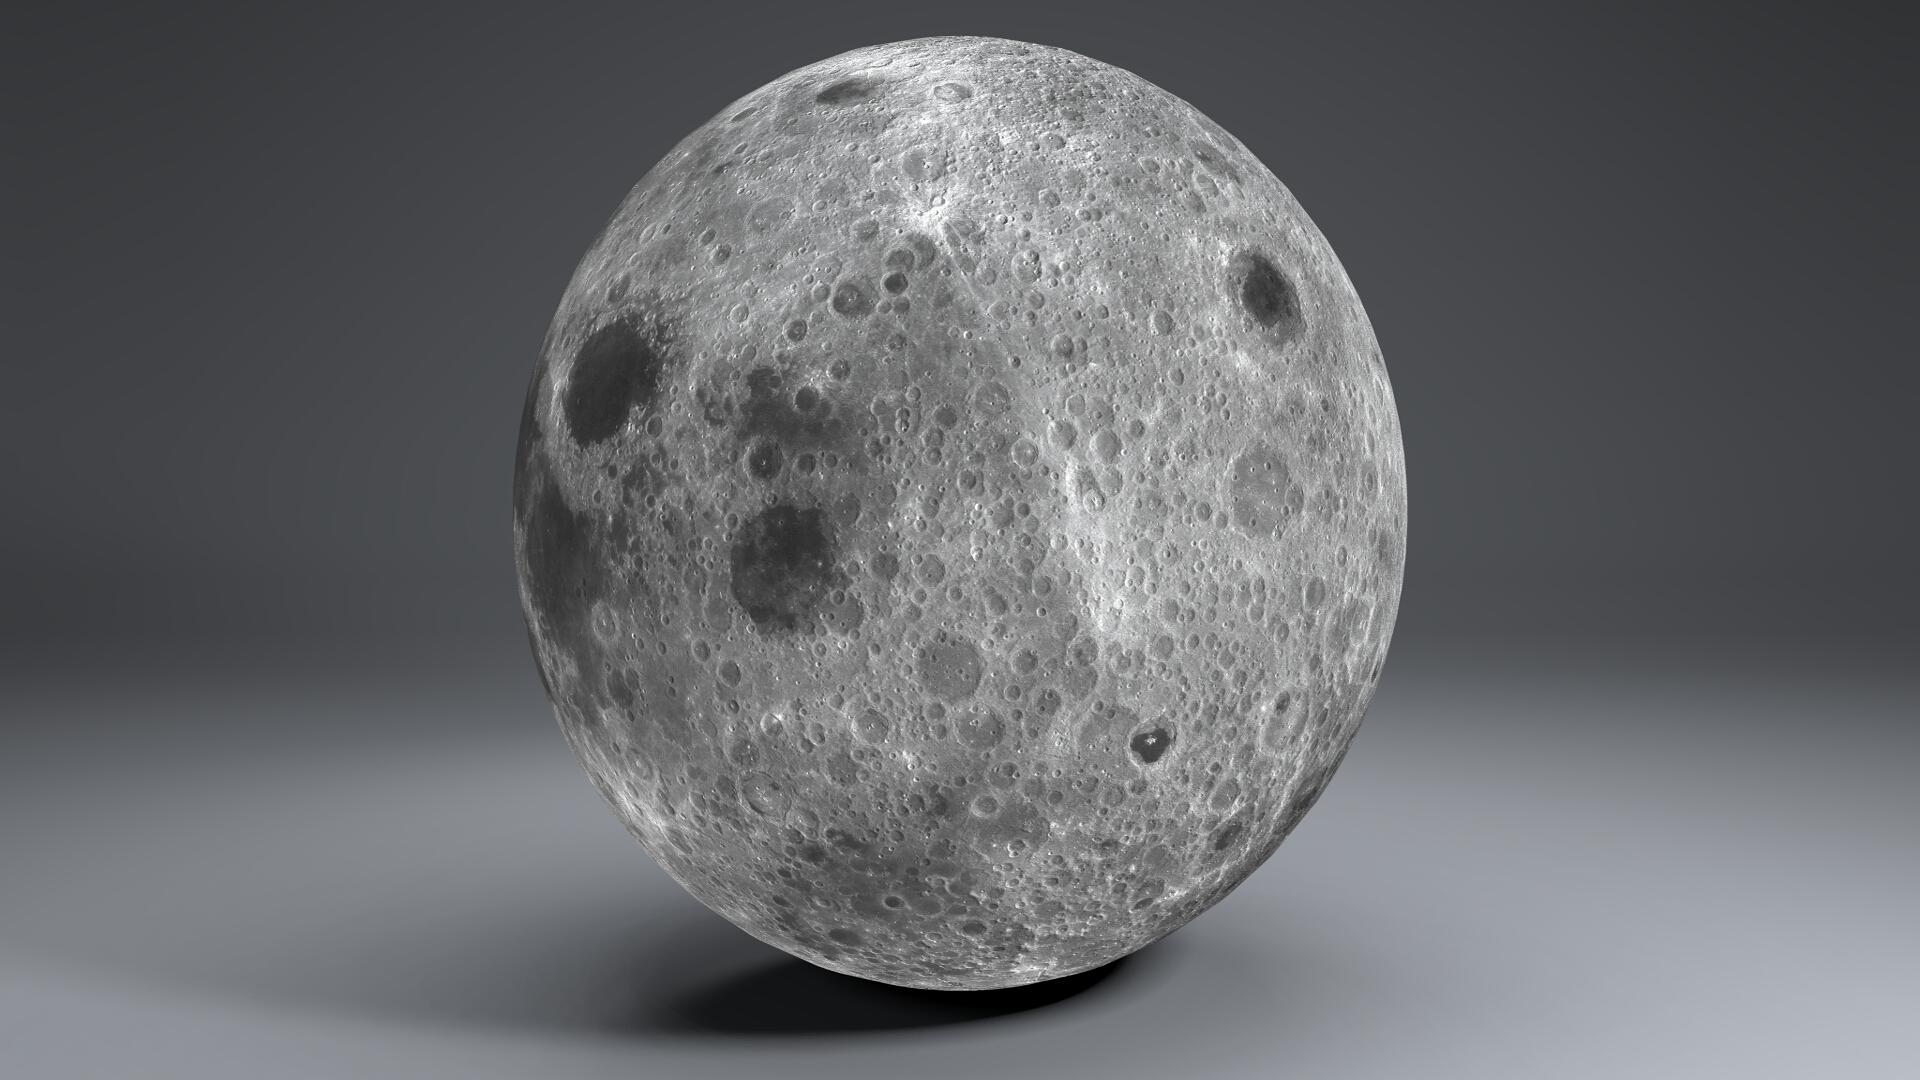 moon globe 23k 3d model 3ds fbx blend dae obj 222141